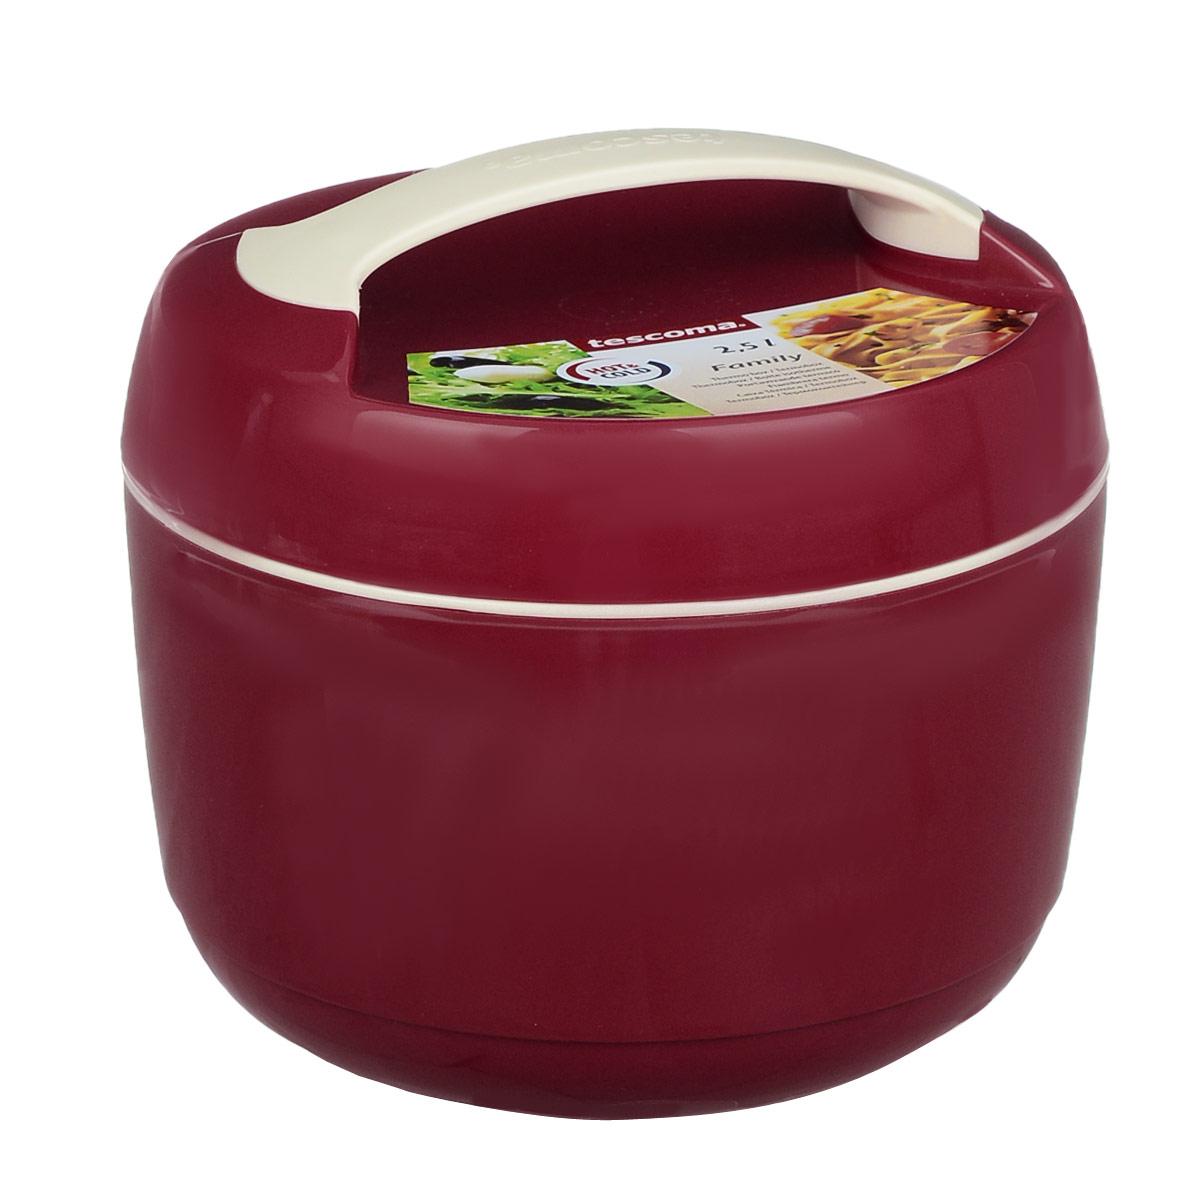 Термоконтейнер Tescoma Family, цвет: красный, 2,5 л310541 красныйТермоконтейнер Tescoma Family изготовлен из высококачественного пищевого пластика. Прекрасно подходит для длительного хранения и переноски теплой и холодной пищи. Двойные стенки контейнера с высокоэффективным теплоизоляционным заполнением сохраняют пищу теплой или холодной в течение нескольких часов. При обычном использовании контейнер не бьющийся. Крышка плотно и удобно закручивается. Для комфортной переноски предусмотрена ручка. В комплекте имеется специальная емкость объемом 1 л для отдельного хранения закусок и гарнира. Емкость удобно помещается внутрь контейнера. Контейнер нельзя мыть в посудомоечной машине, пластиковая емкость с крышкой пригодна для мытья в посудомоечной машине. Объем контейнера: 2,5 л. Диаметр контейнера: 22 см. Высота контейнера: 17 см. Объем емкости: 1 л. Диаметр емкости: 19 см. Высота стенки емкости: 4,5 см.